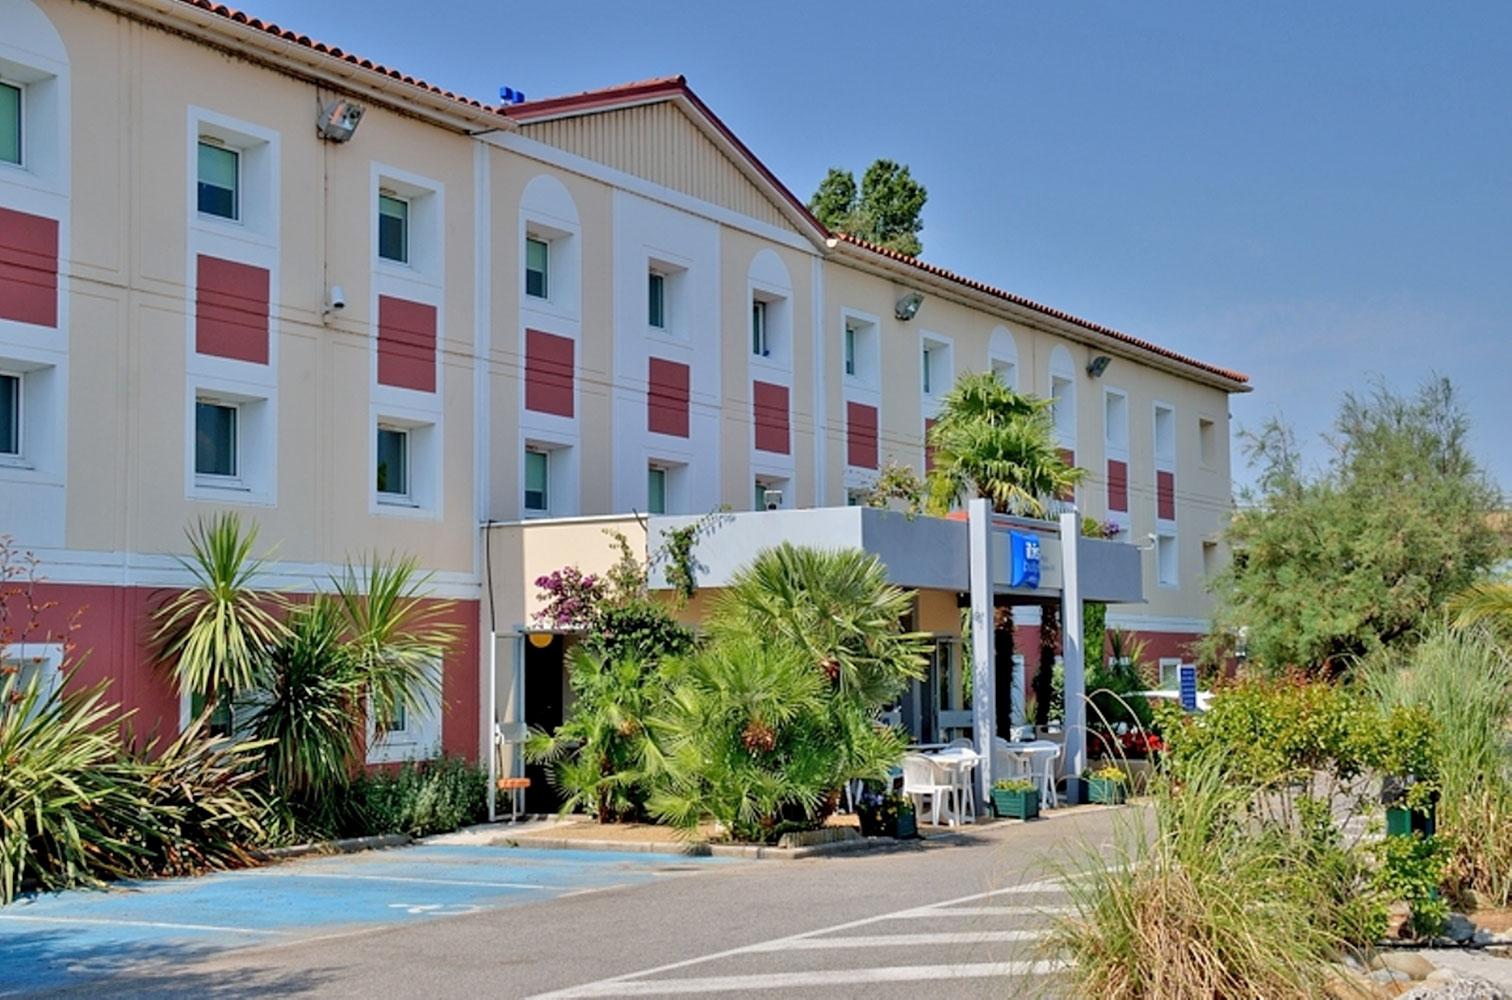 Hotel Ibis Frejus